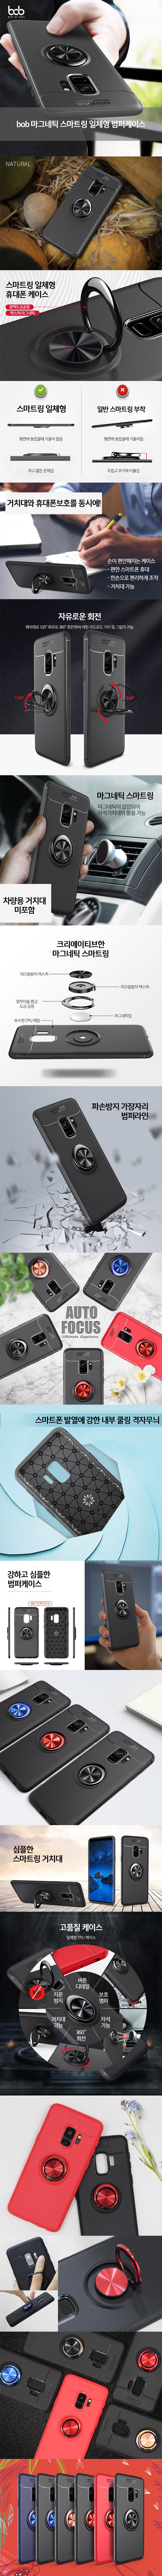 bob 마그네틱 스마트링 일체형 범퍼케이스 아이폰11 프로 맥스 XS XR 갤럭시 S8 S9 S10 5G 노트10 9 8 - 비오비, 9,500원, 케이스, 아이폰X